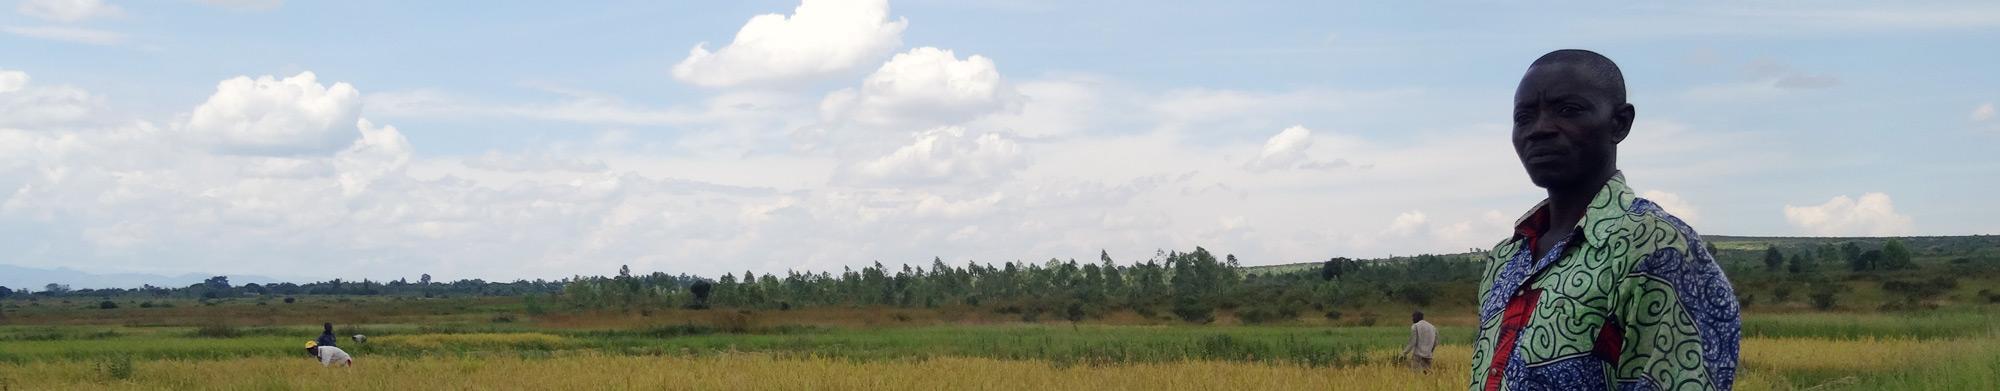 FOPAC SK, Fédération des Organisations des Producteurs Agricoles du Congo au Sud-Kivu